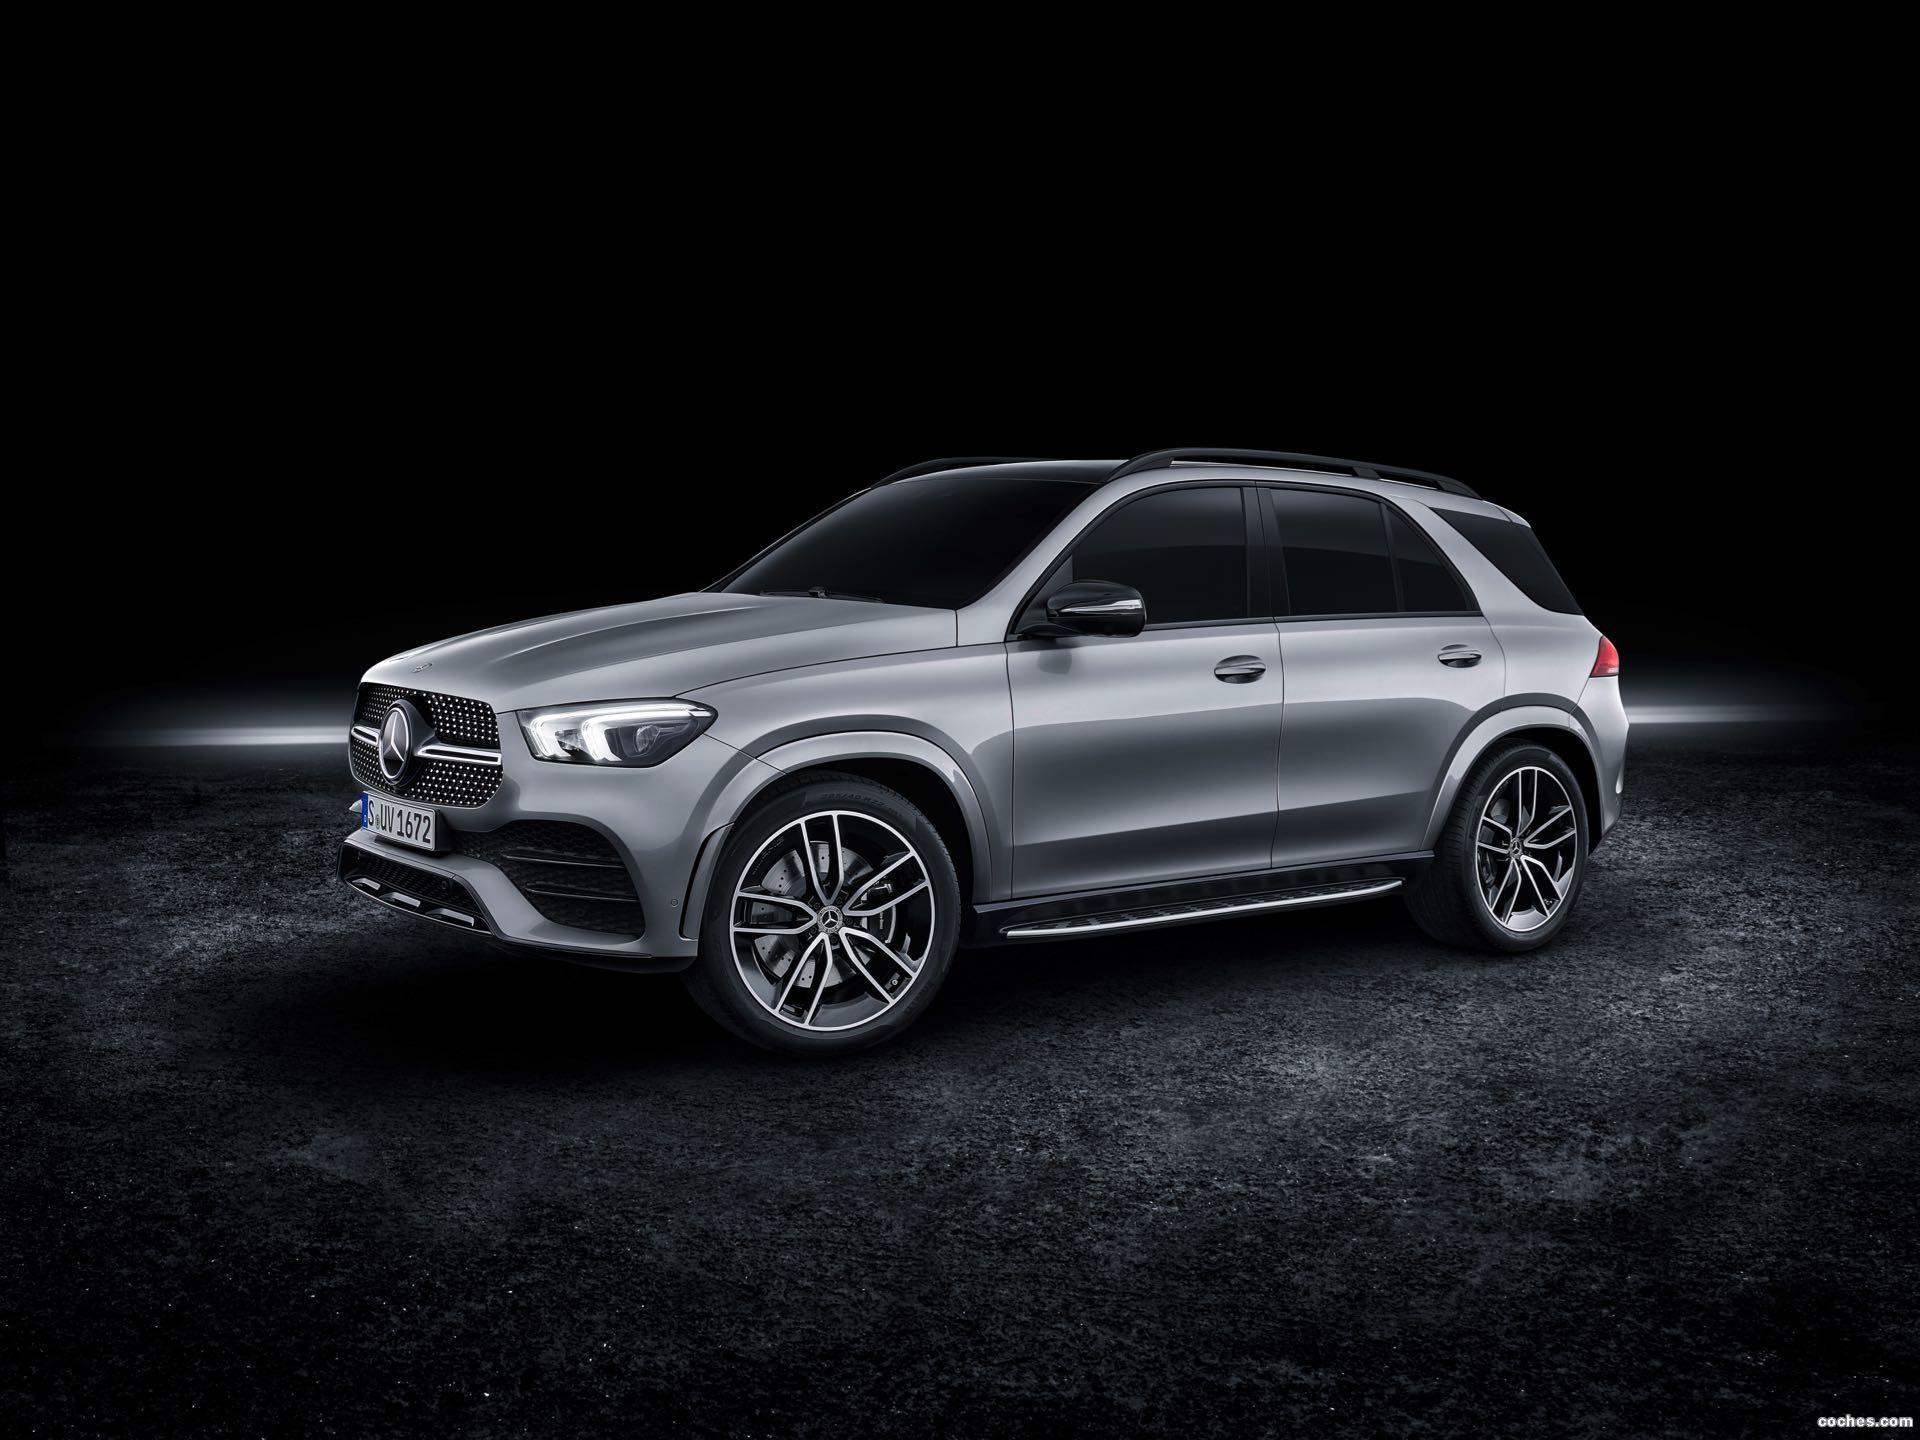 Foto 14 de Mercedes Clase GLE 450 4MATIC 2019